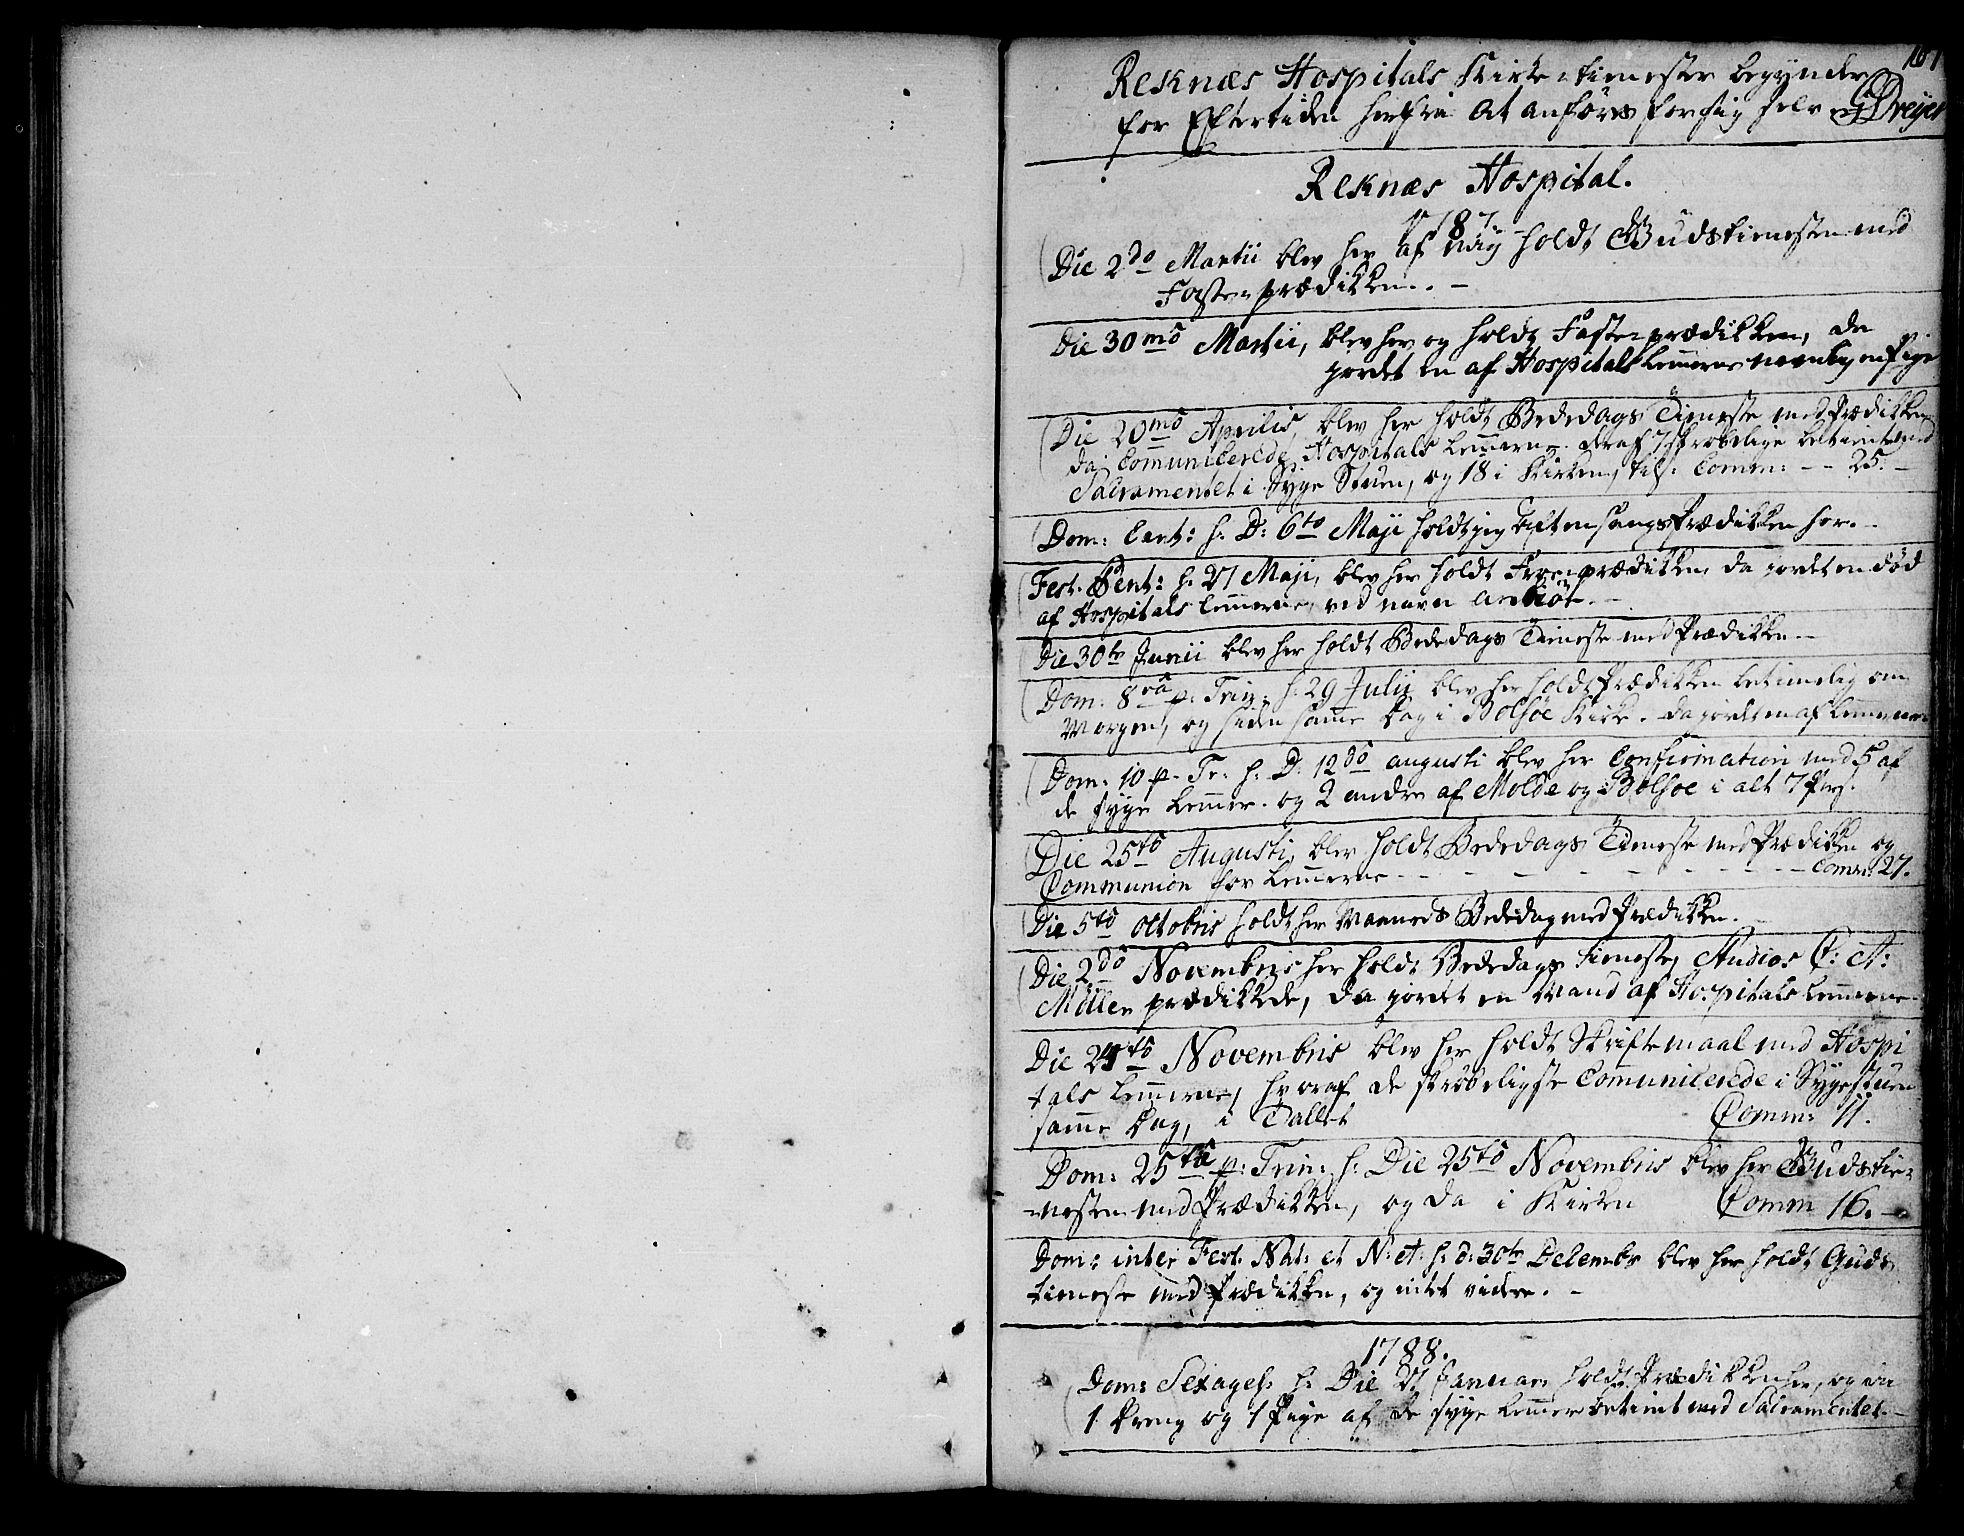 SAT, Ministerialprotokoller, klokkerbøker og fødselsregistre - Møre og Romsdal, 555/L0648: Ministerialbok nr. 555A01, 1759-1793, s. 107